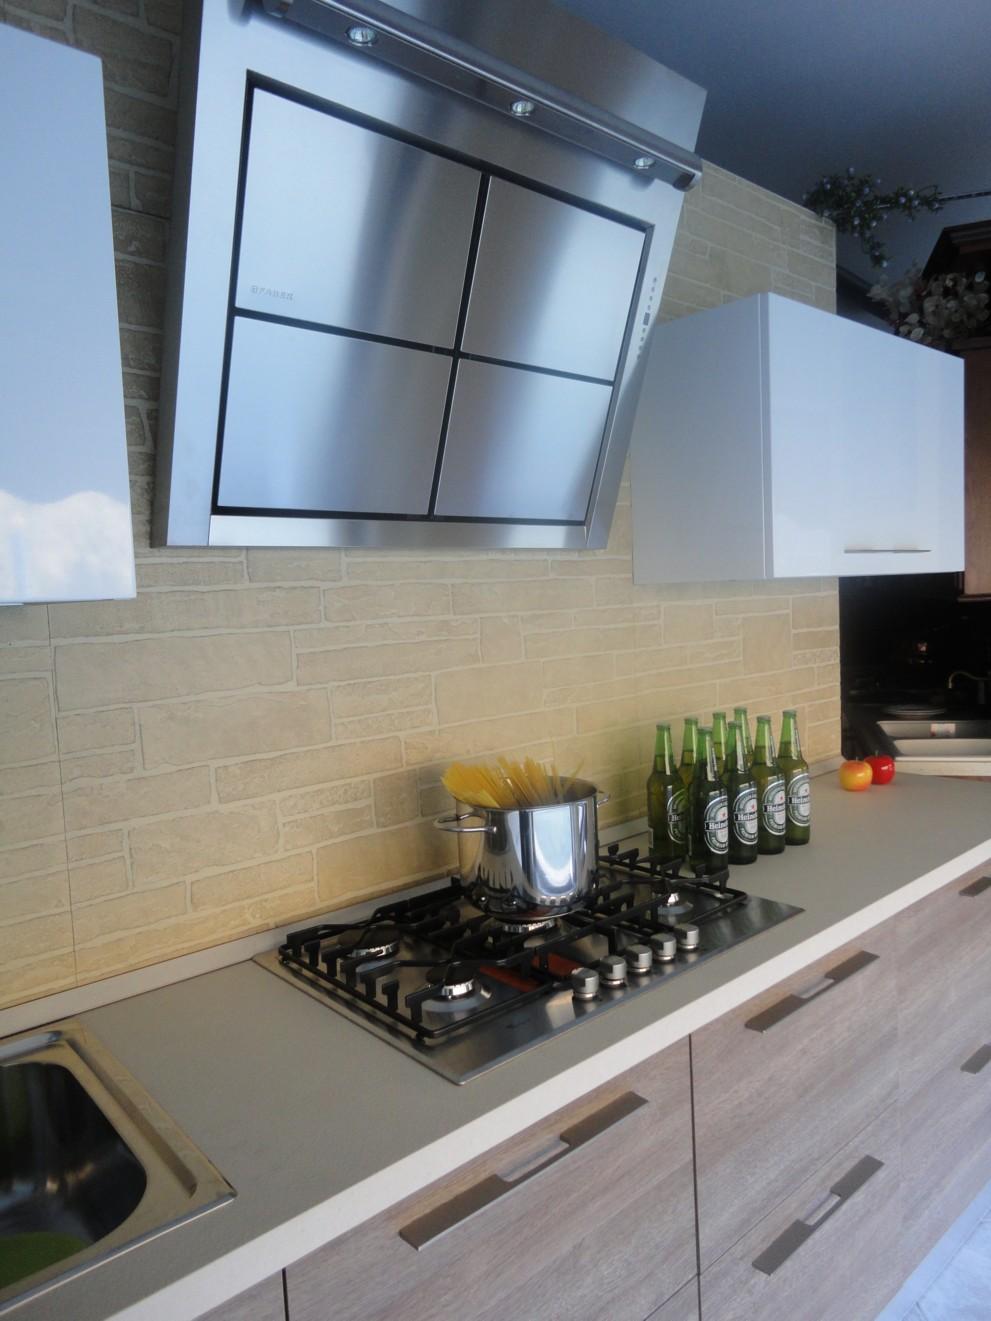 Disegno cucina moderna giugno 2015 : Outlet: cucina moderna sottocosto -Garnero design